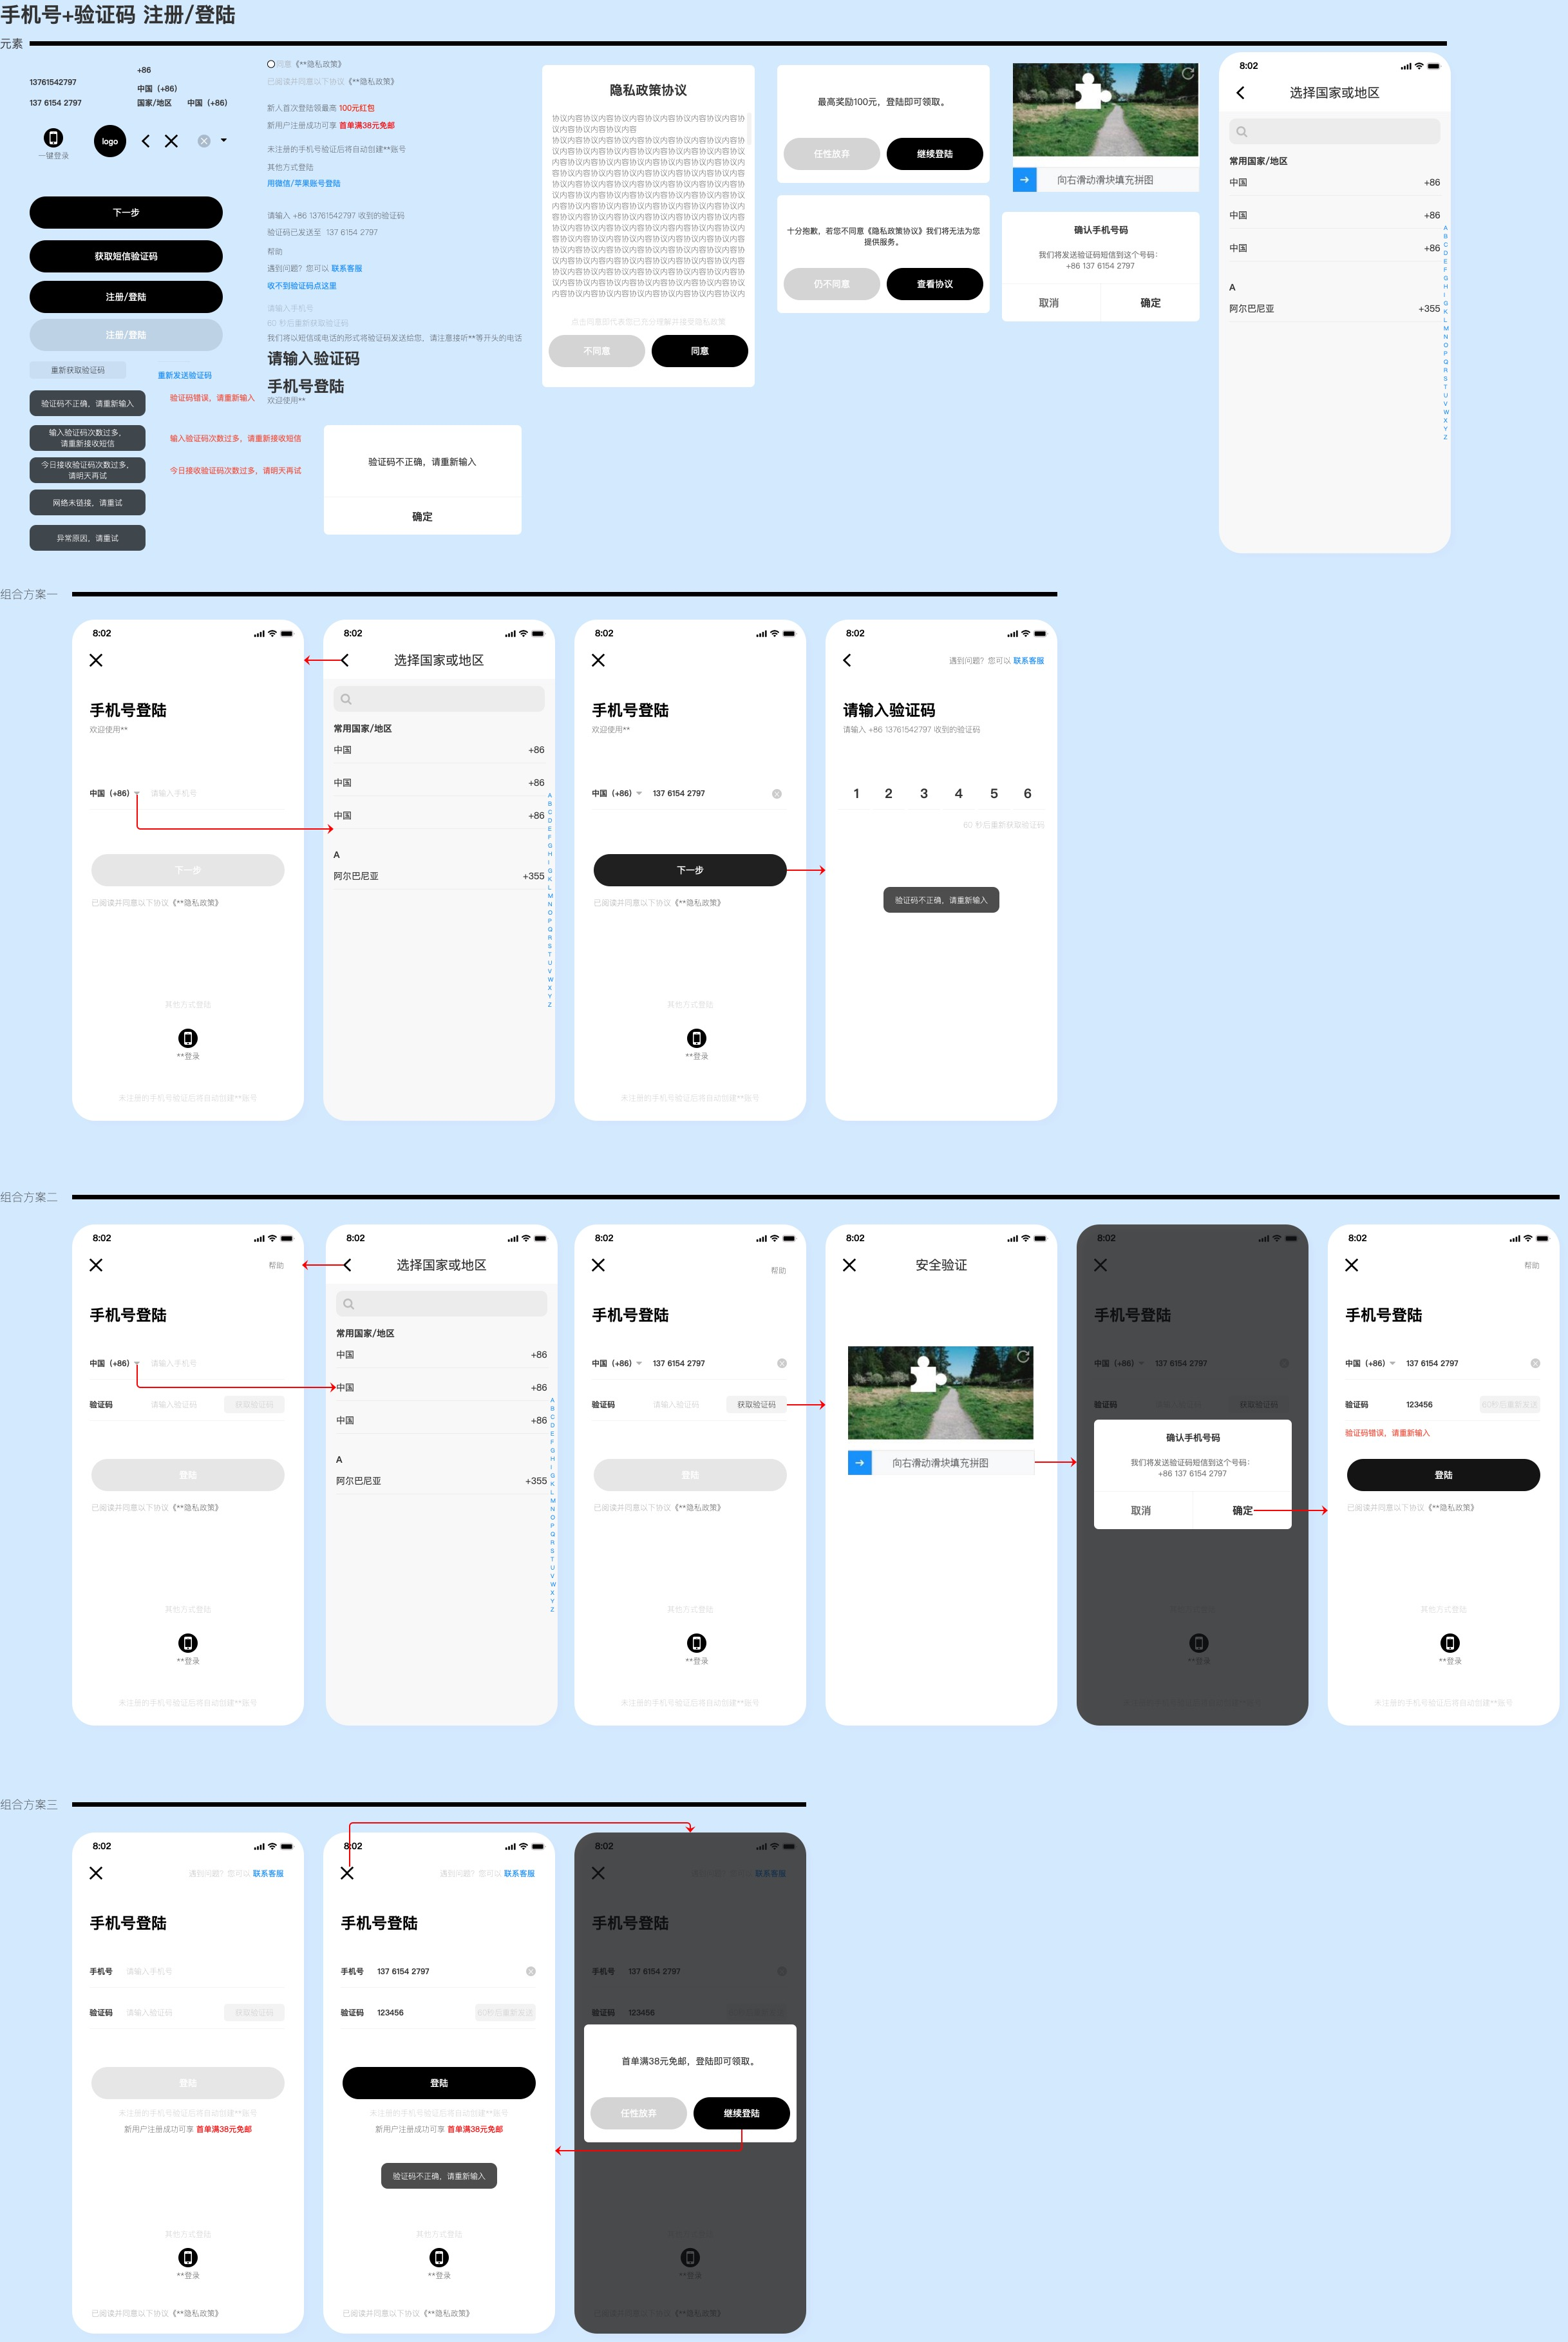 2-3手机号-验证码